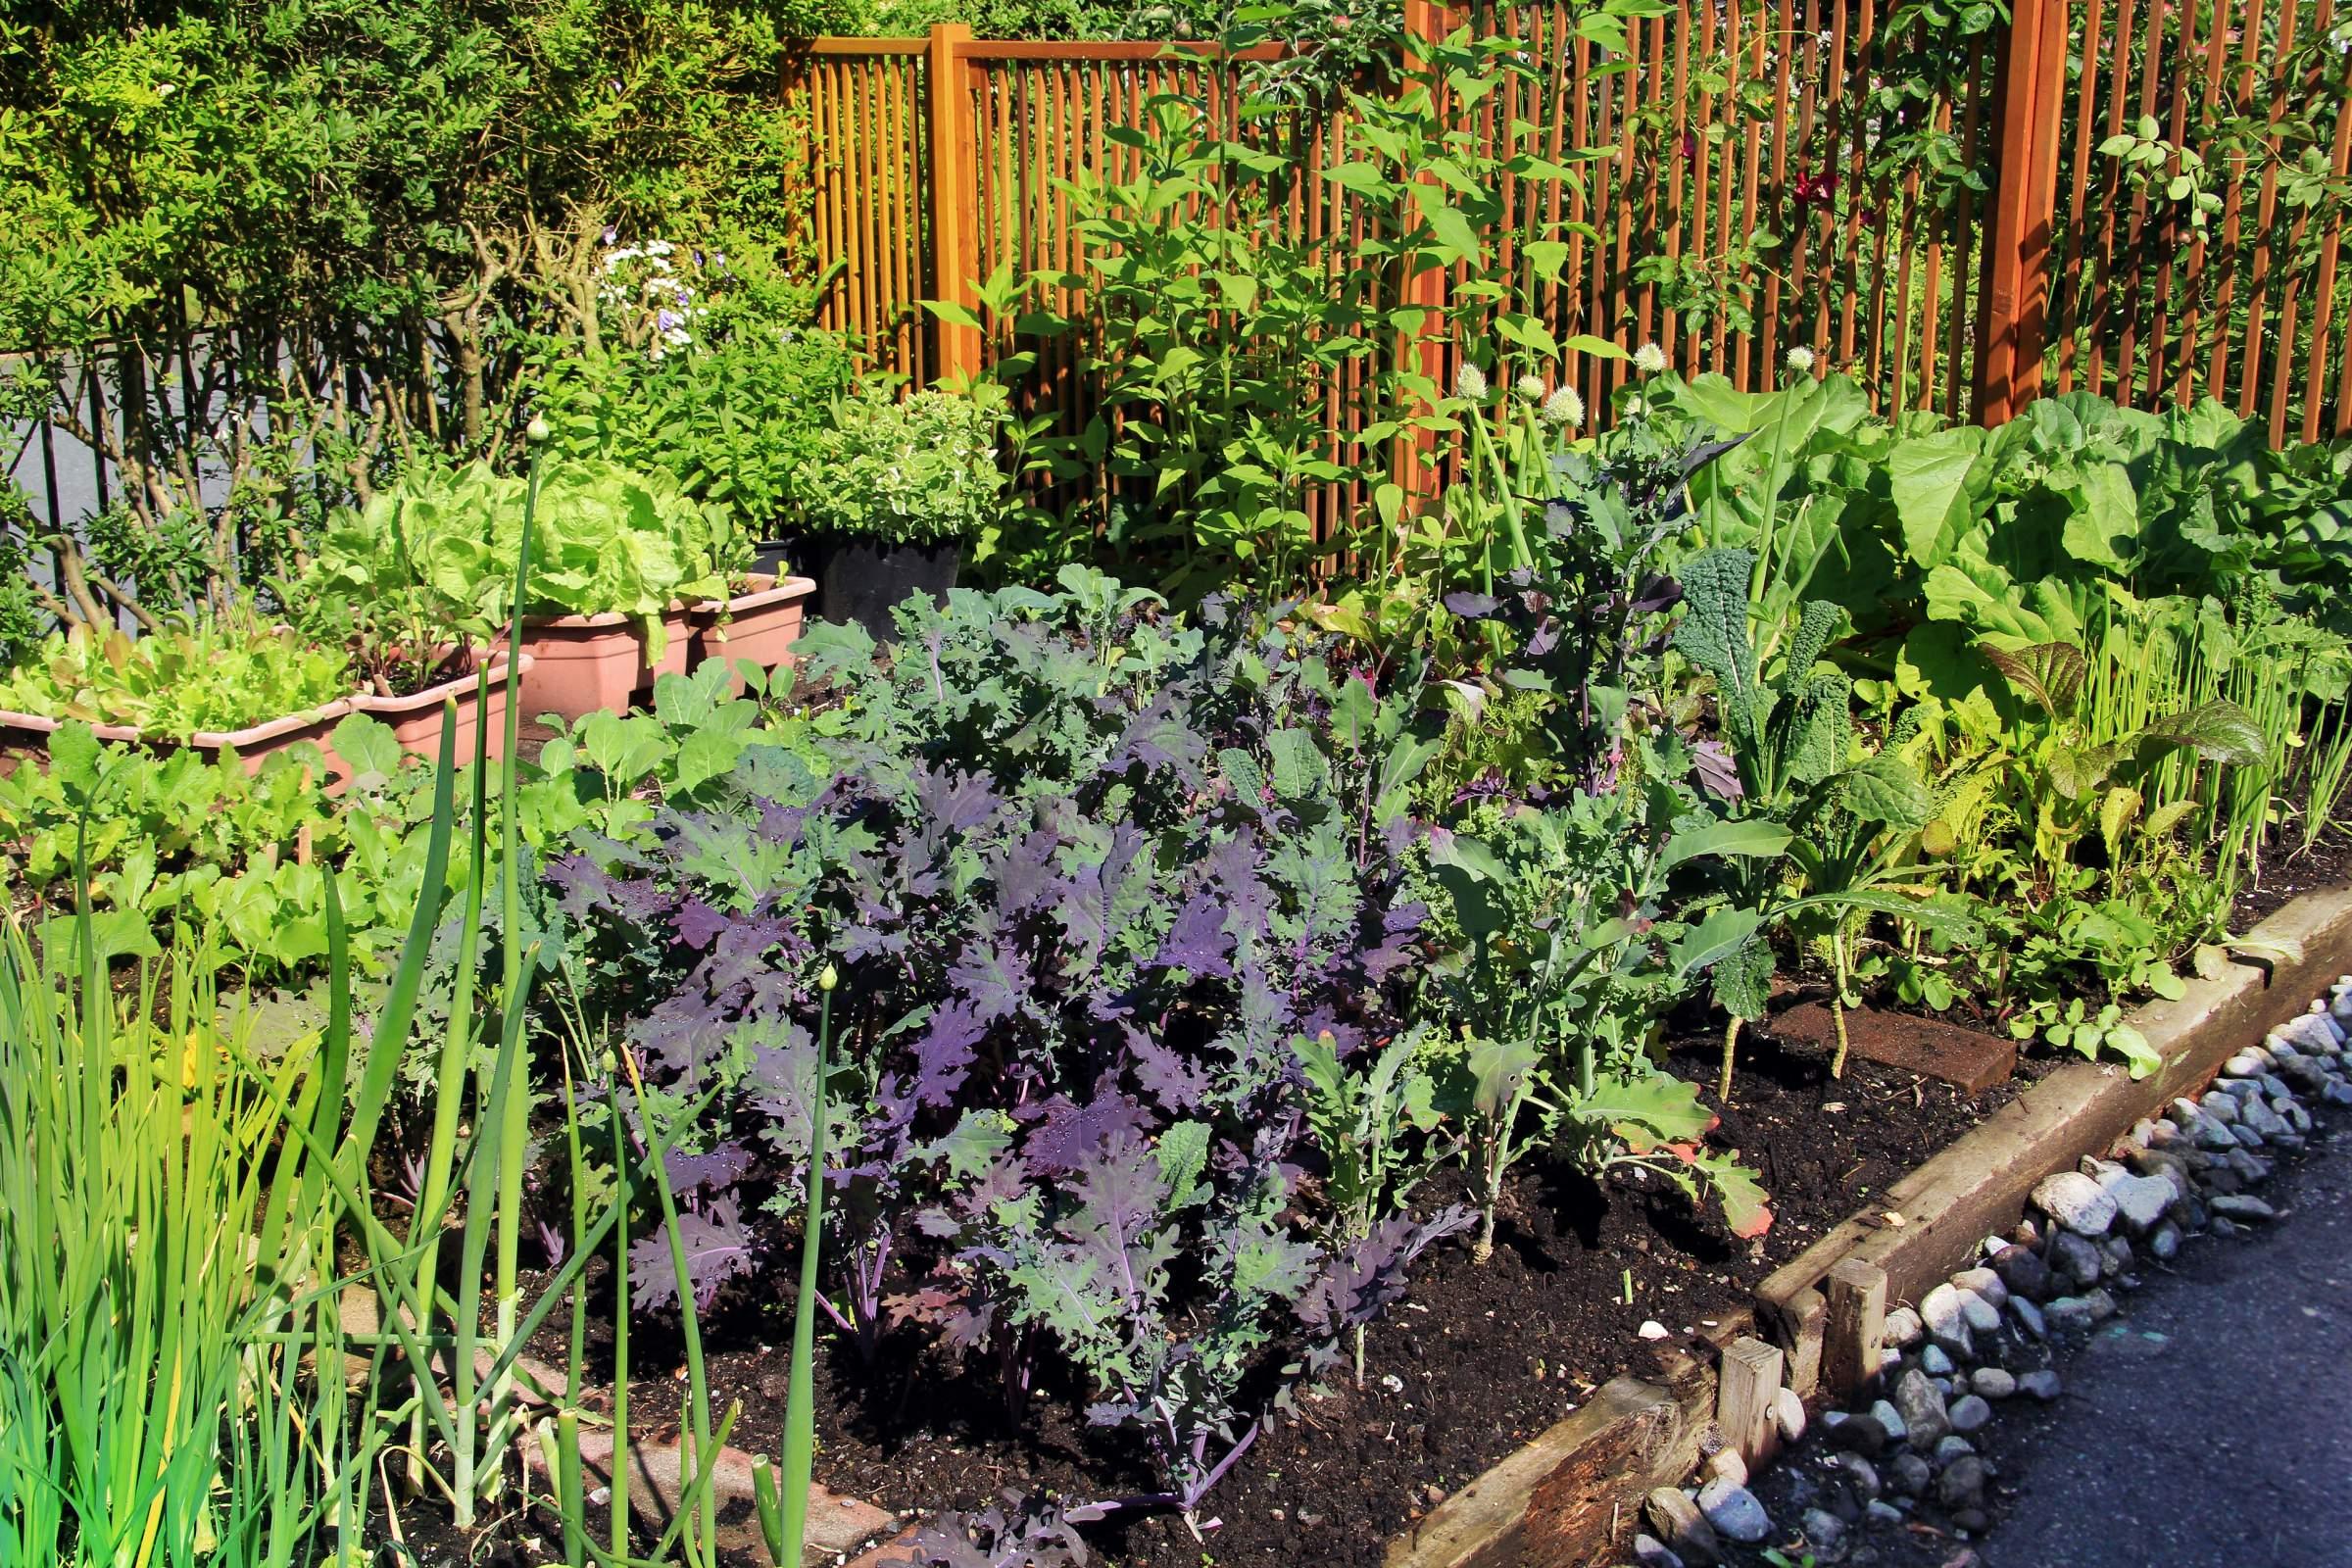 organiser un jardin pour favoriser la biodiversité